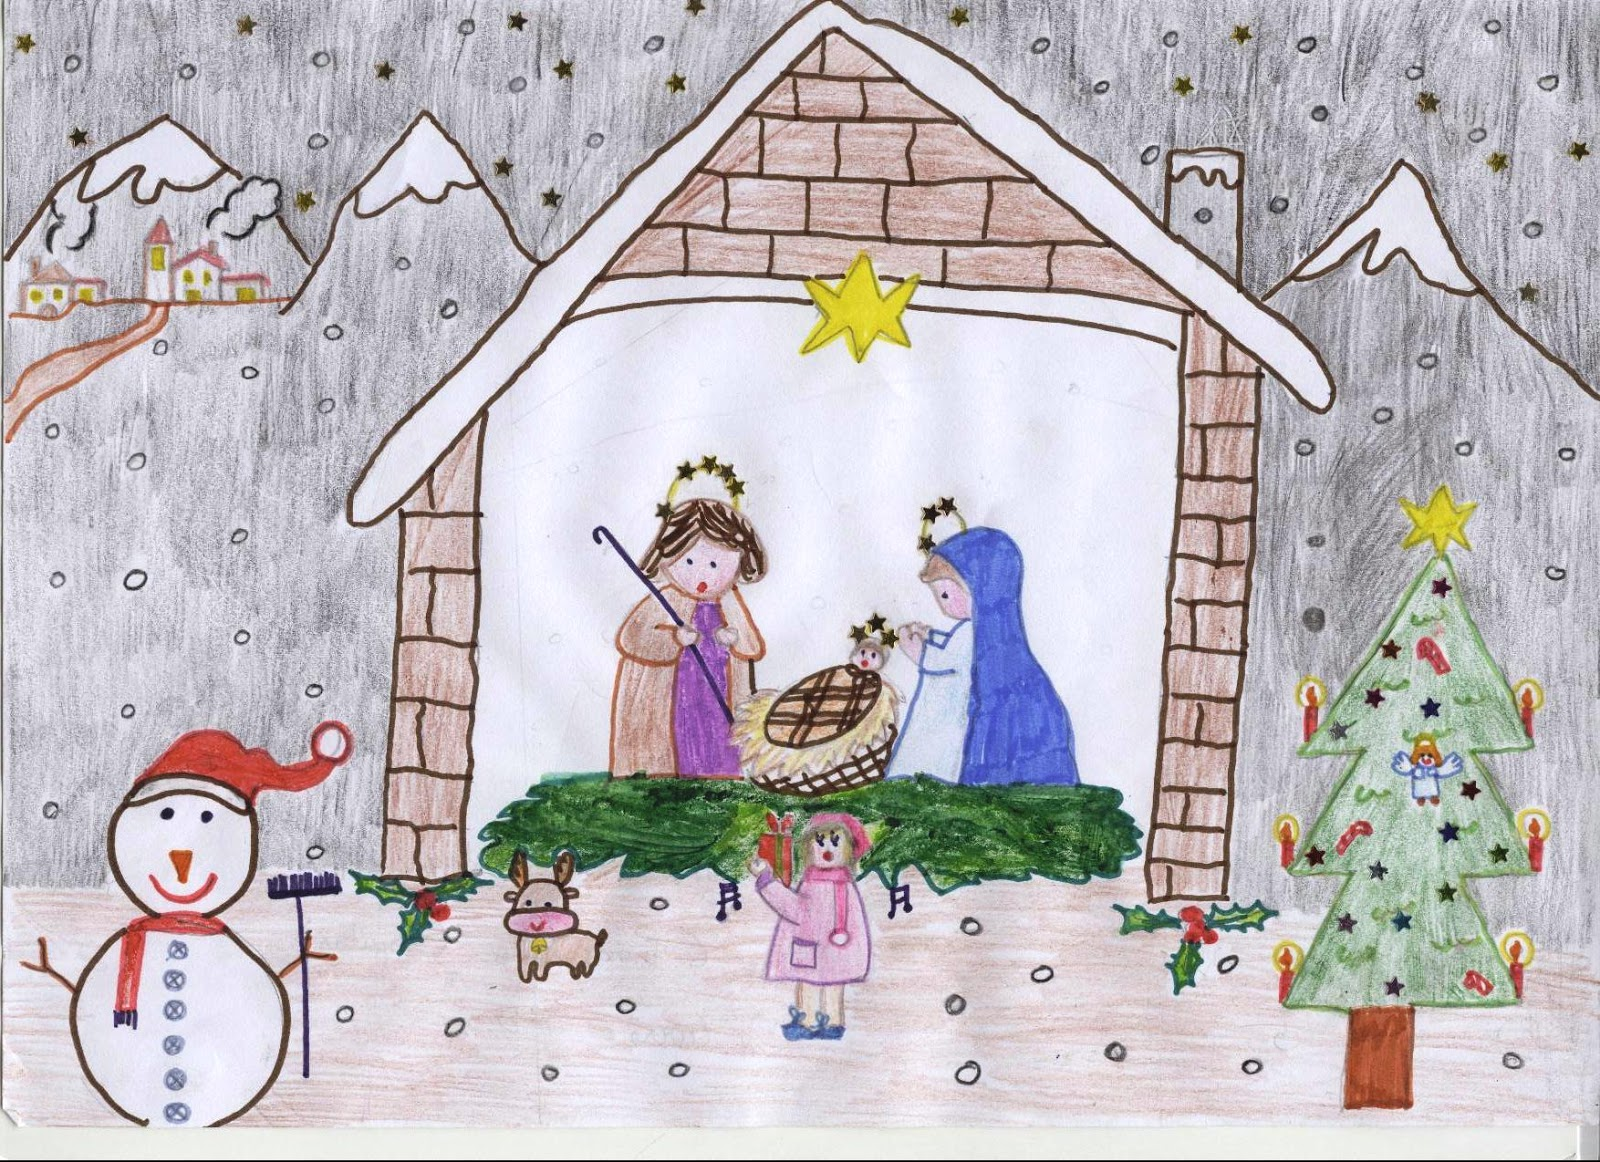 Grupo leo alicante xxx aniversario 1985 2015 iii for Dibujos postales navidad ninos